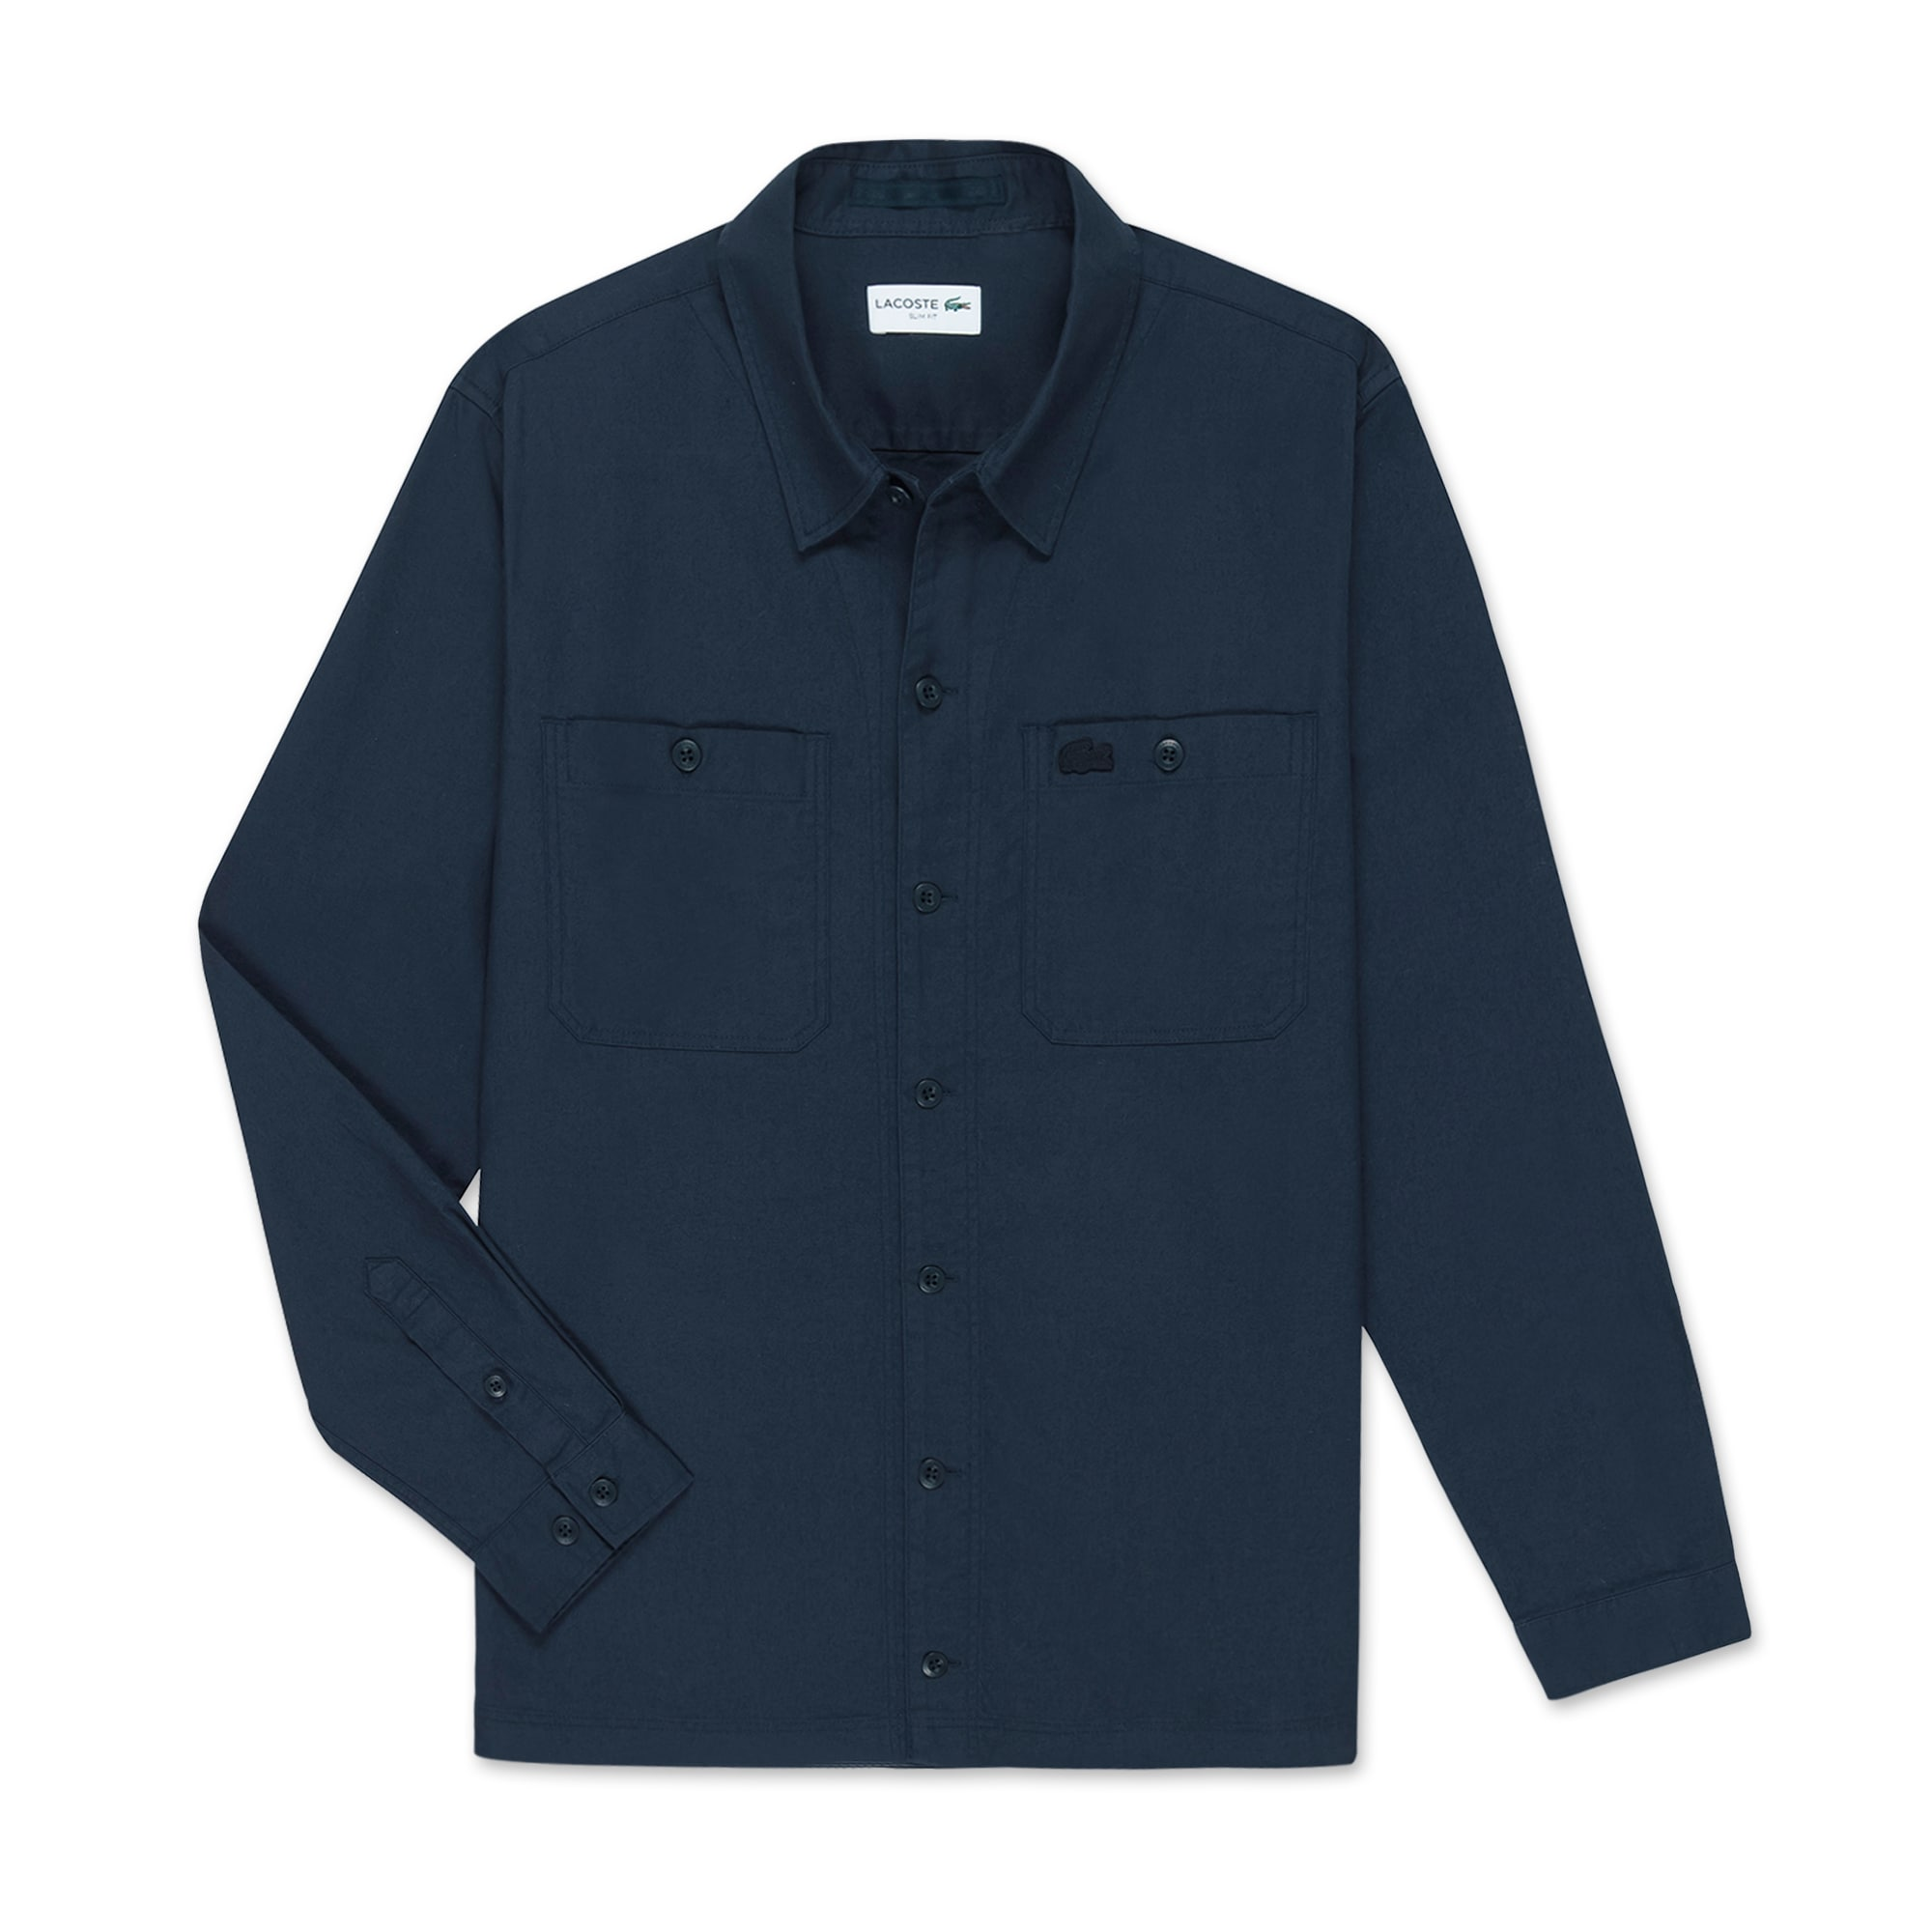 (남성) 라코스테 솔리드 플란넬 트윌 아우터형 셔츠